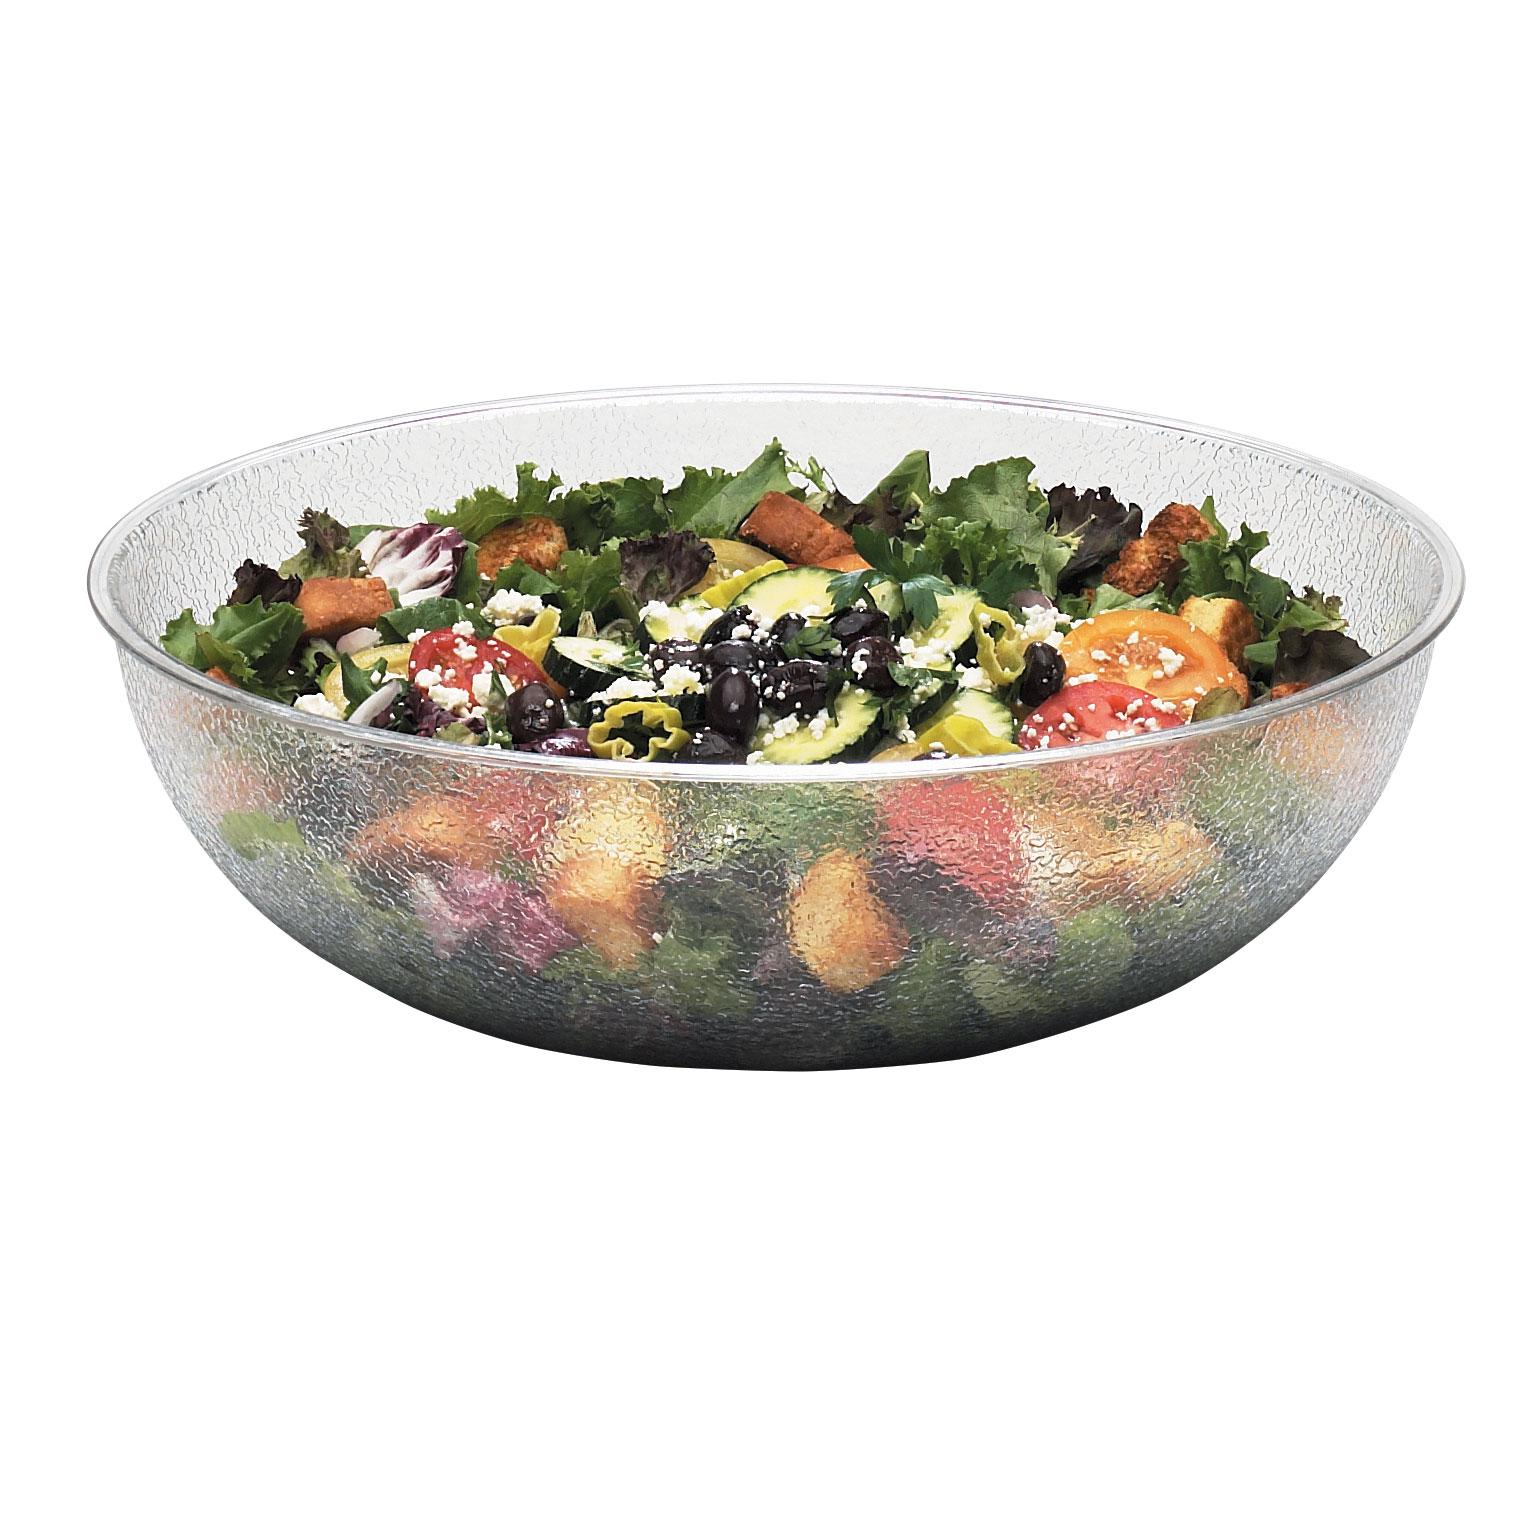 Cambro PSB15176 serving bowl, salad pasta, plastic